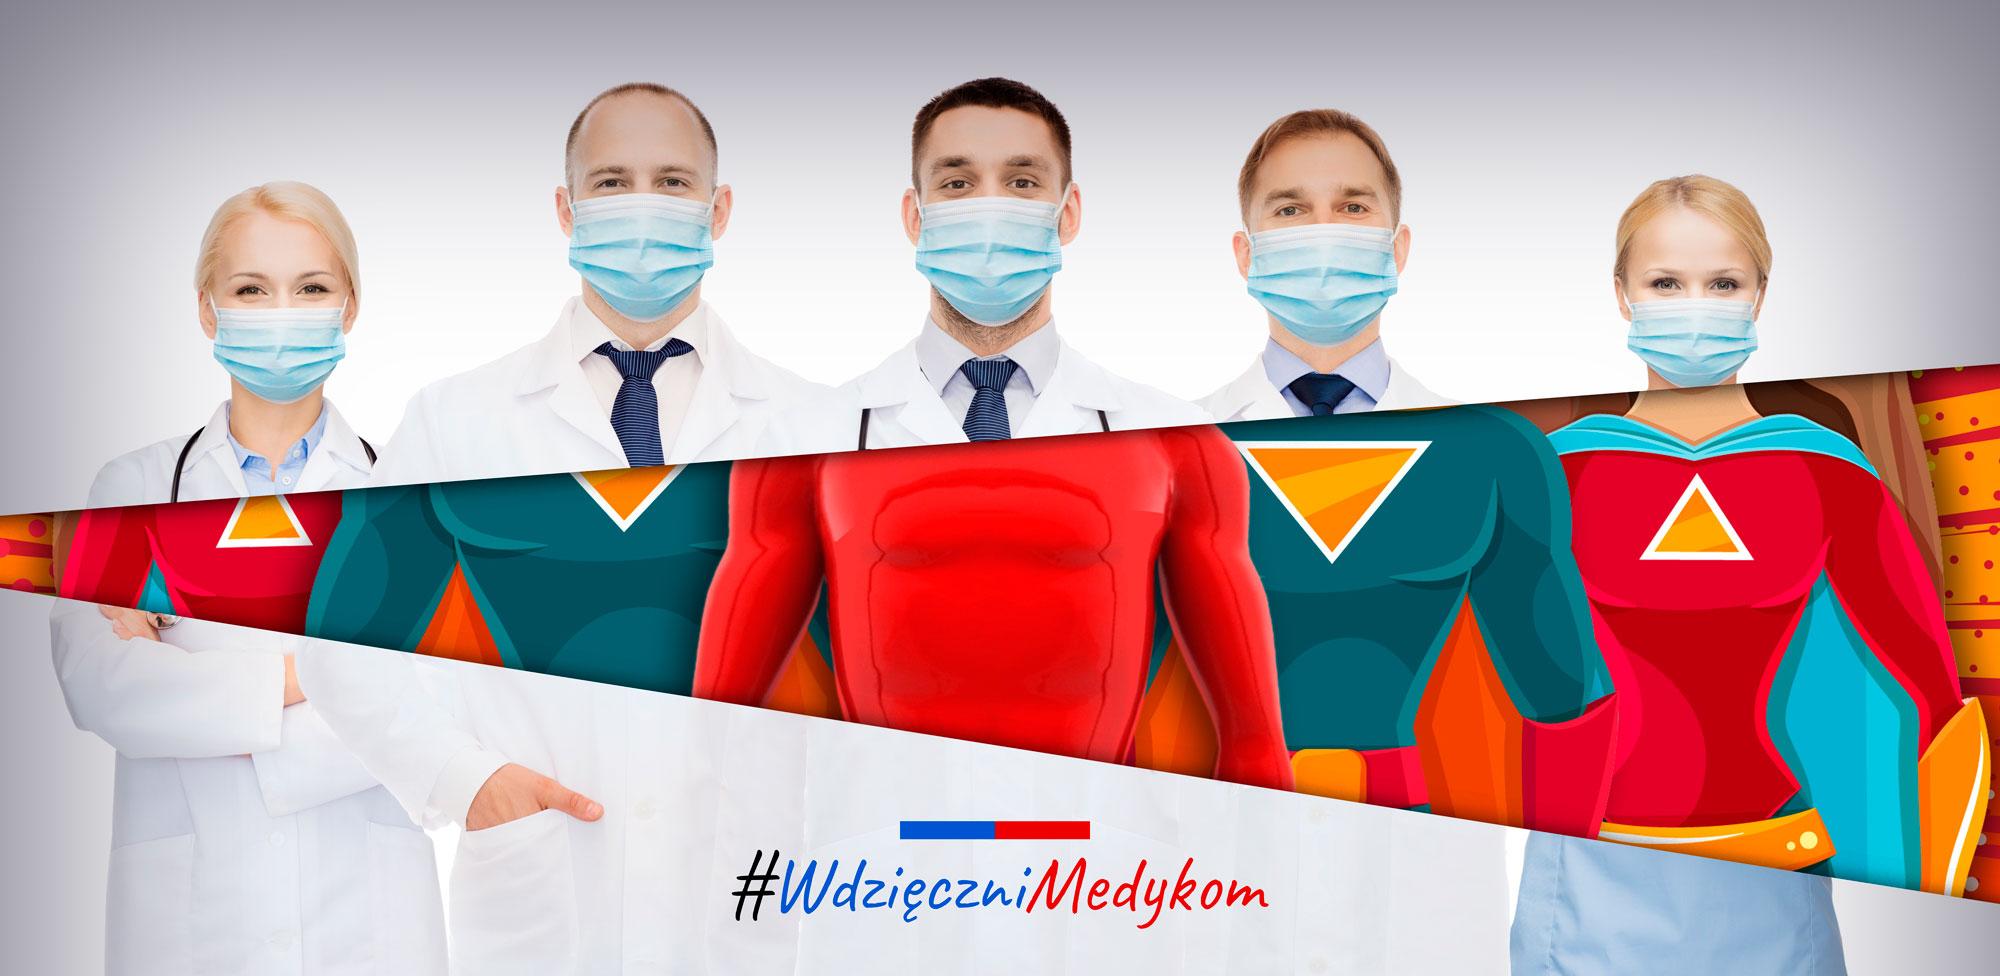 Caritas dla polskich szpitali: 100 respiratorów i 10 tys. kombinezonów ochronnych